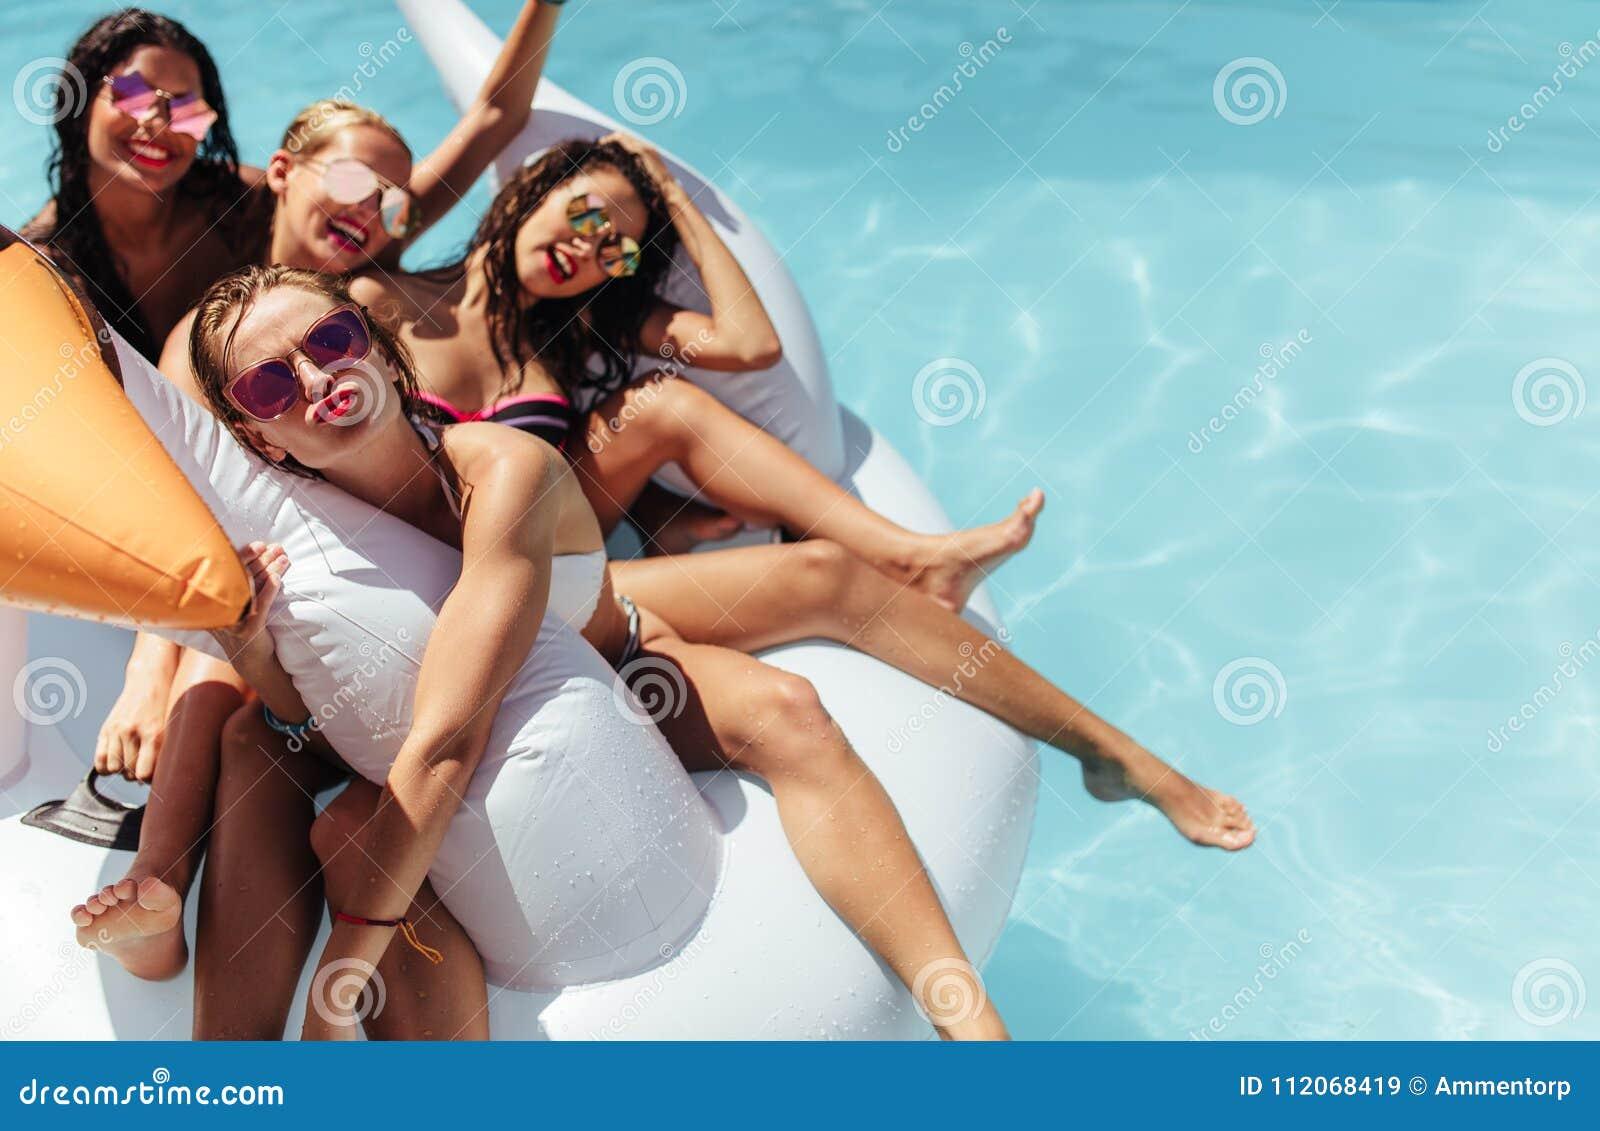 selfie nackt im pool